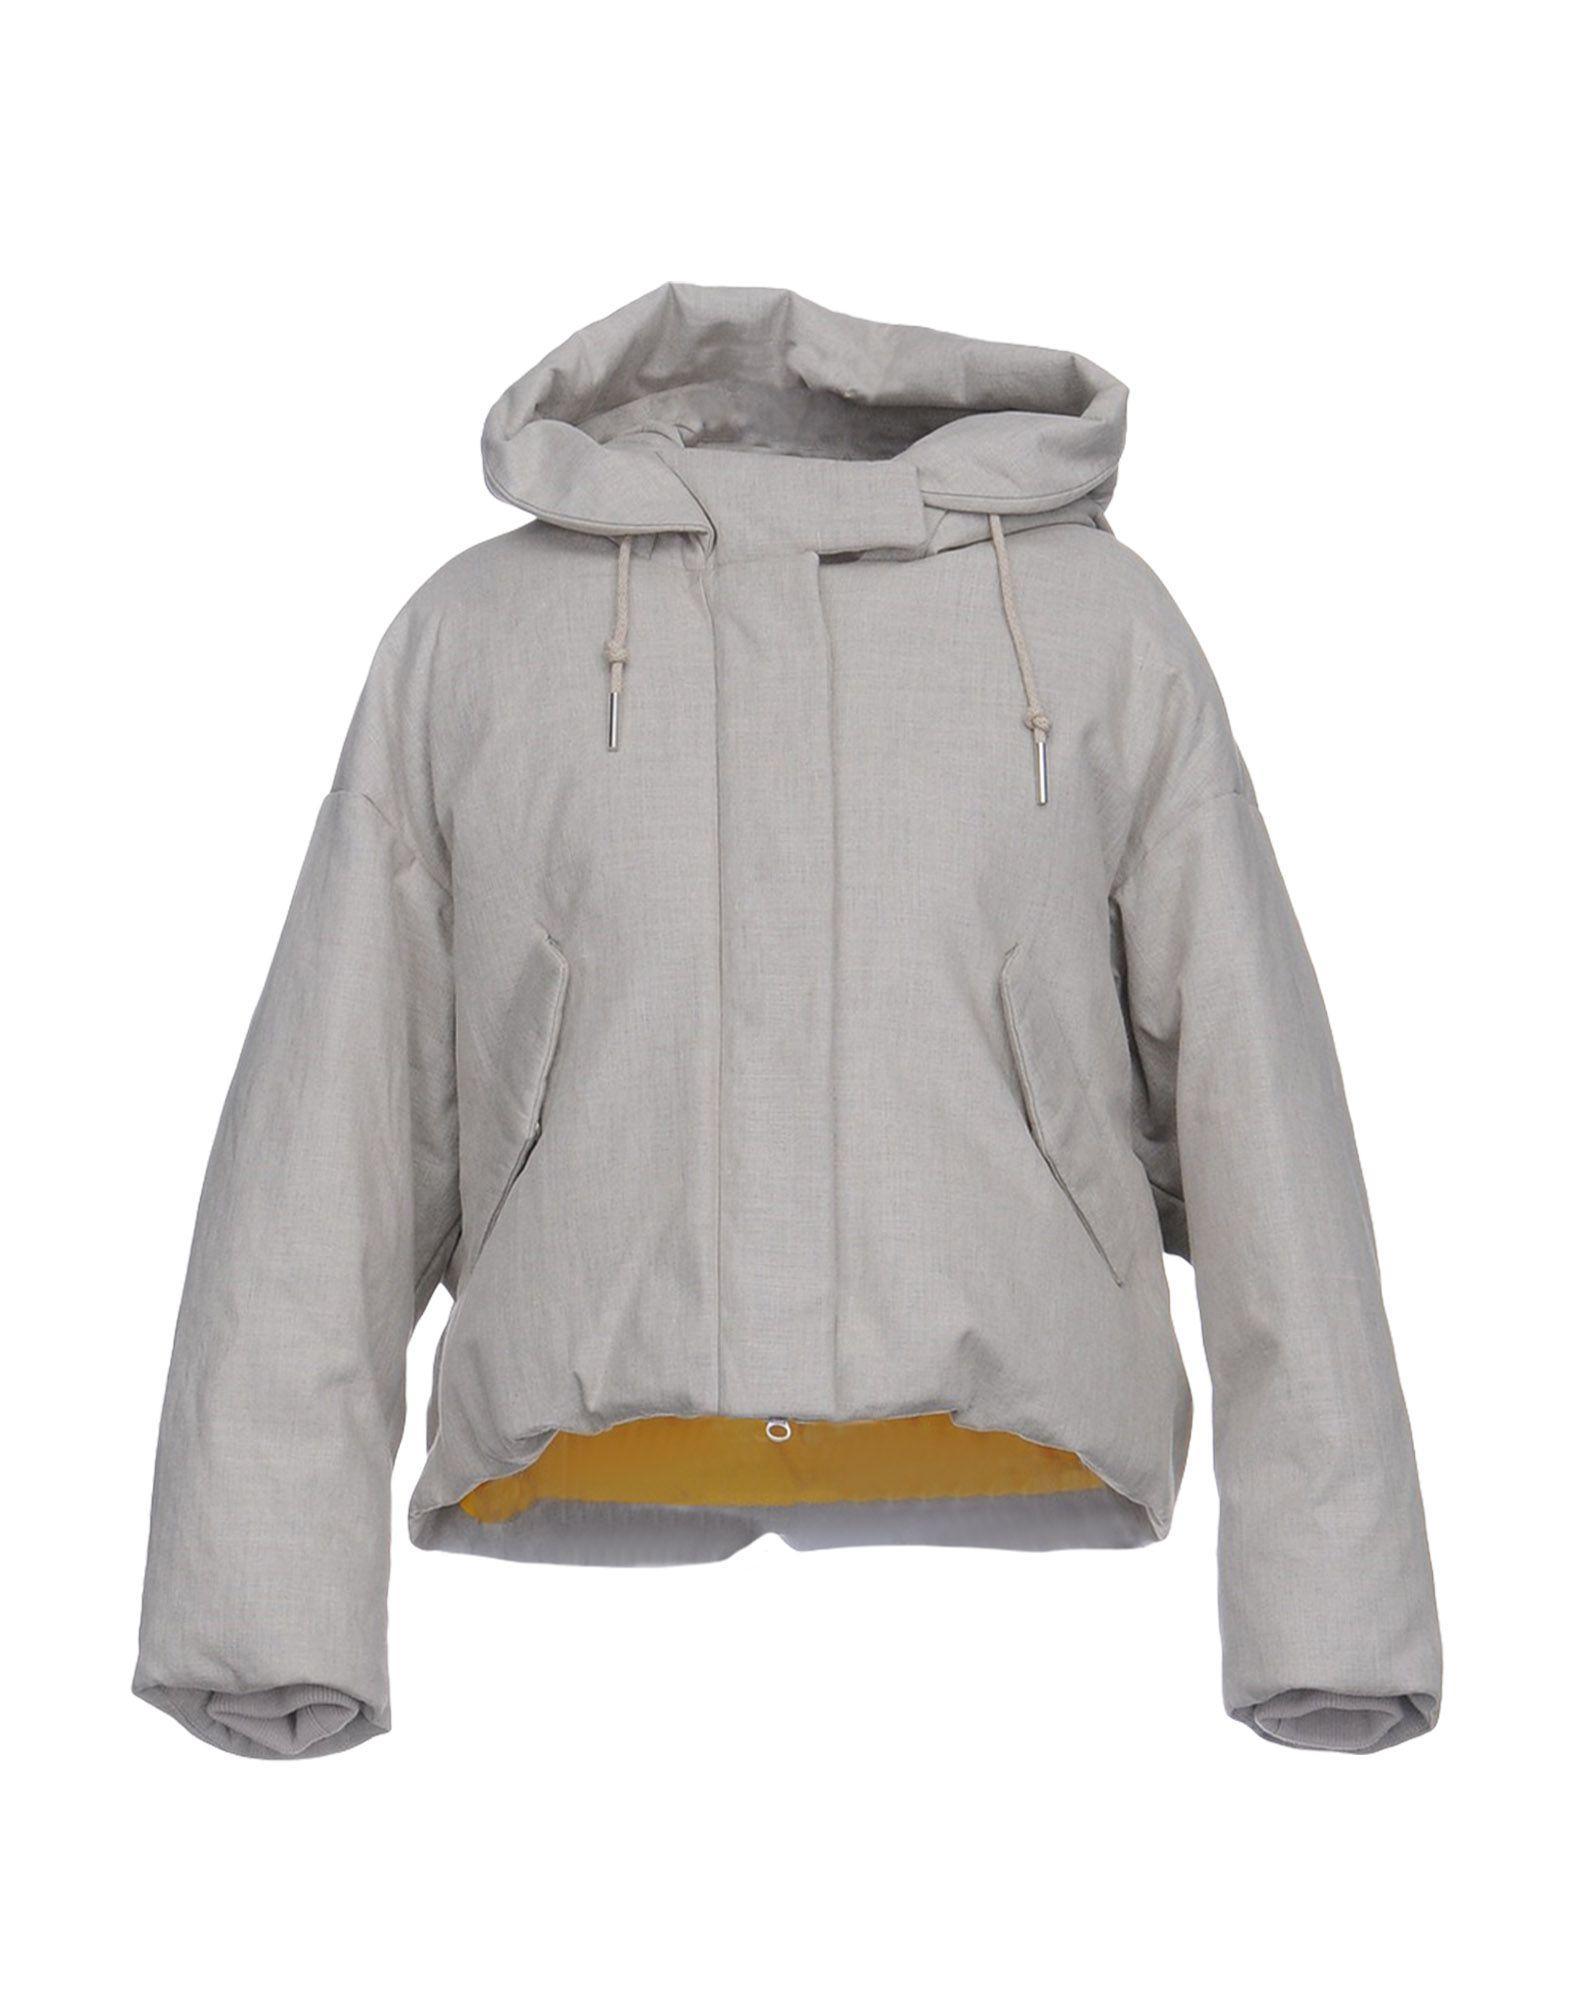 EnfÖld Down Jacket In Beige